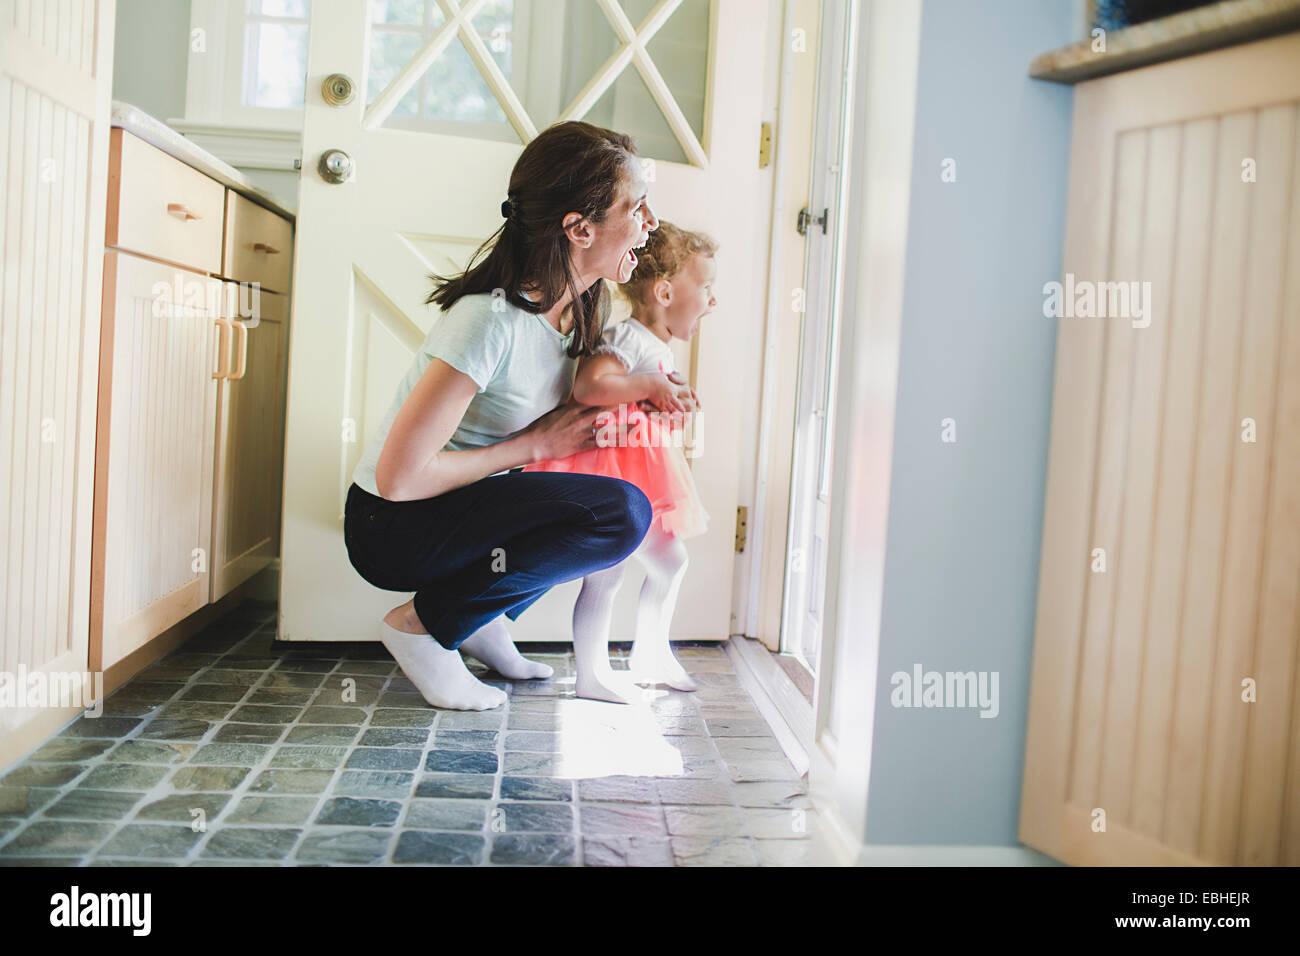 Madre e hija riéndose de umbral Imagen De Stock